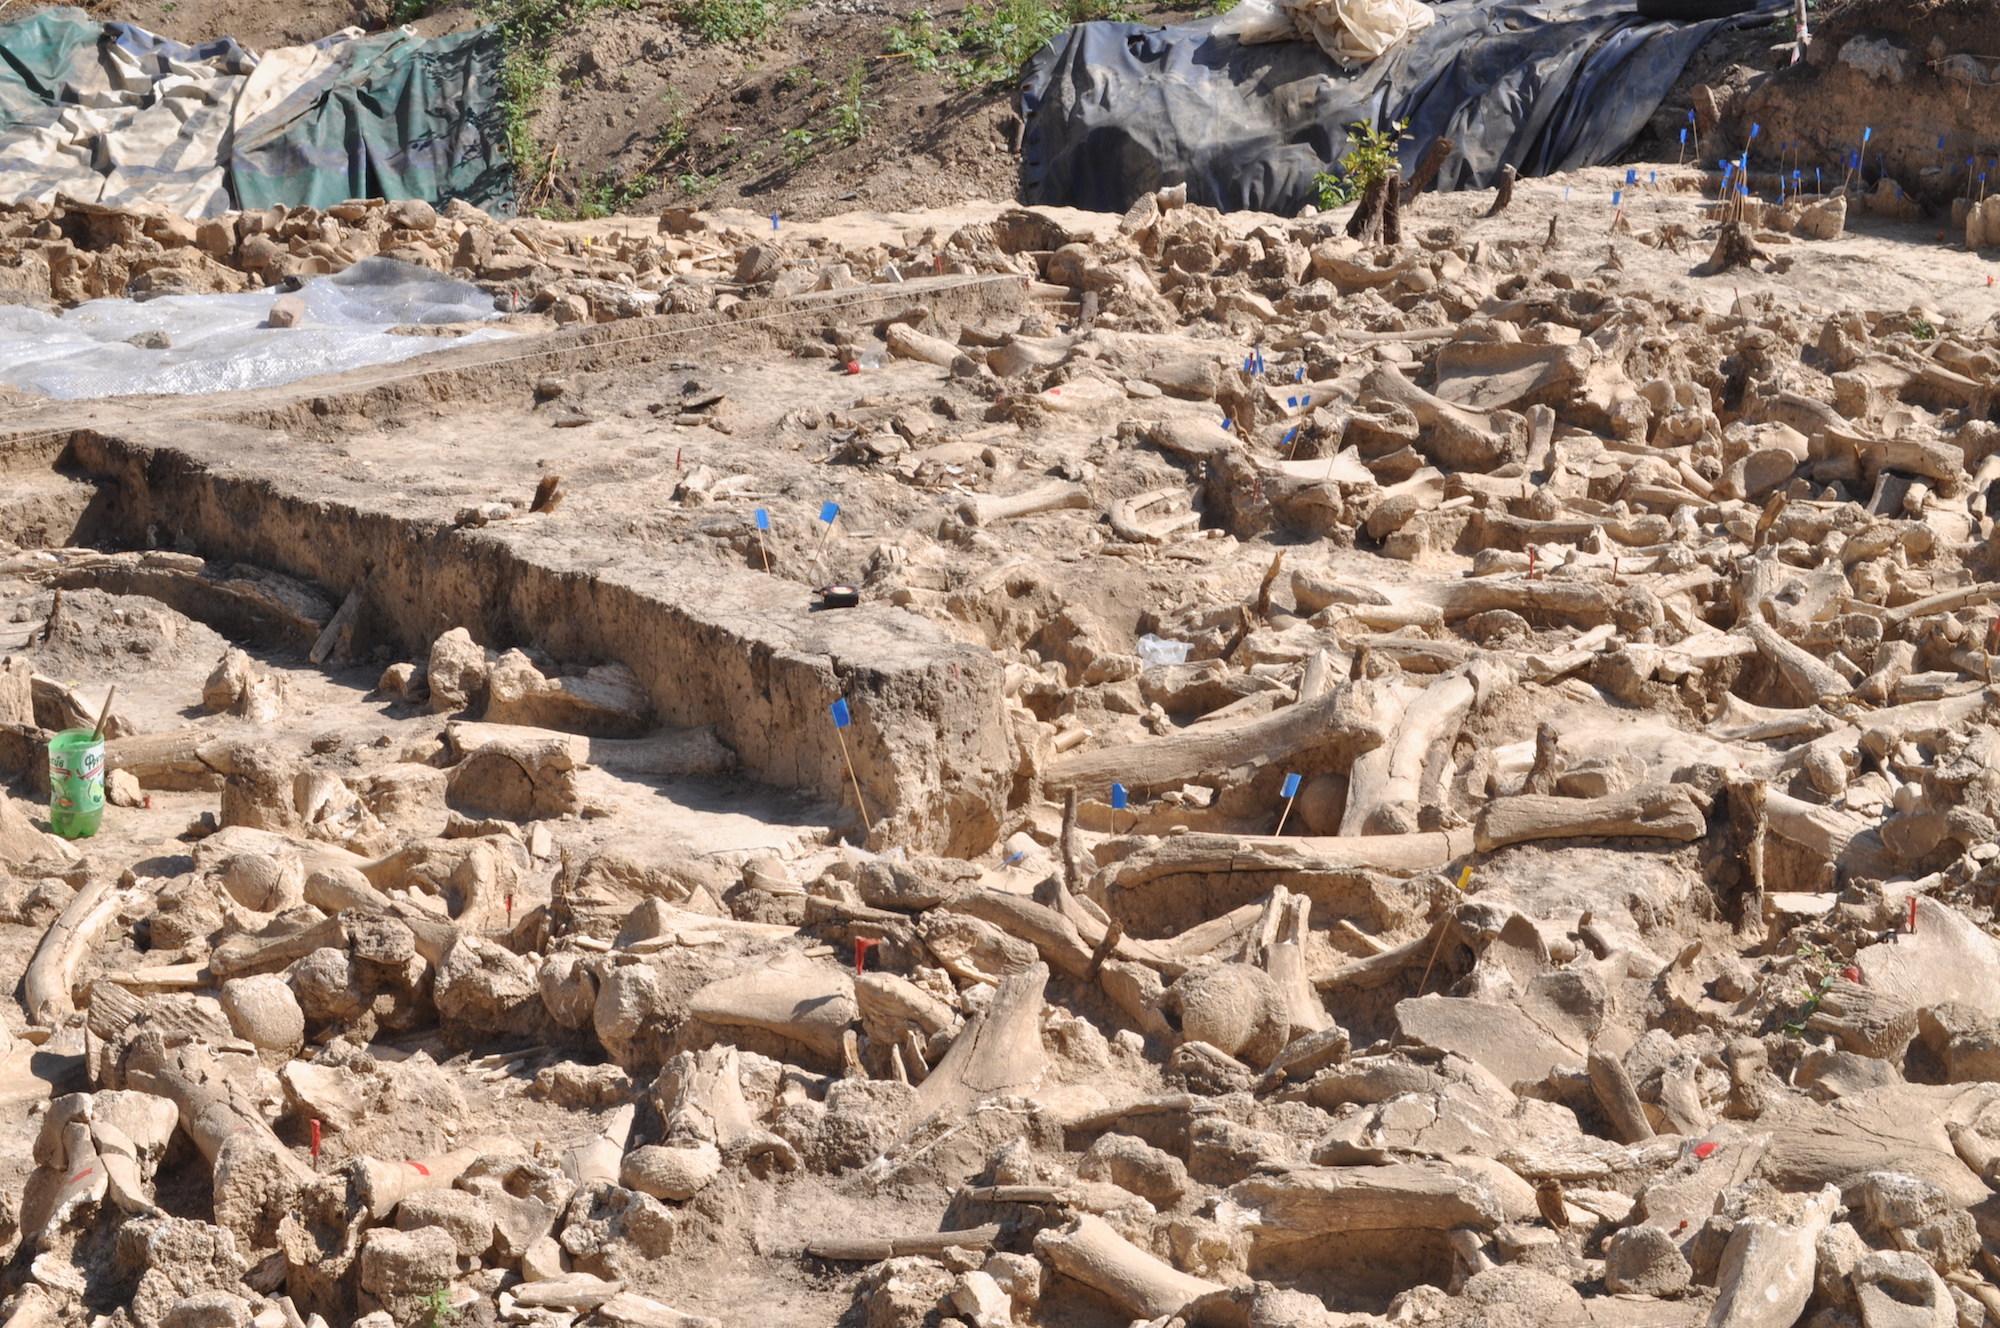 Les archéologues ont trouvé des os appartenant à des mammouths, des rennes, des chevaux, des ours, des loups, des renards roux et des renards arctiques